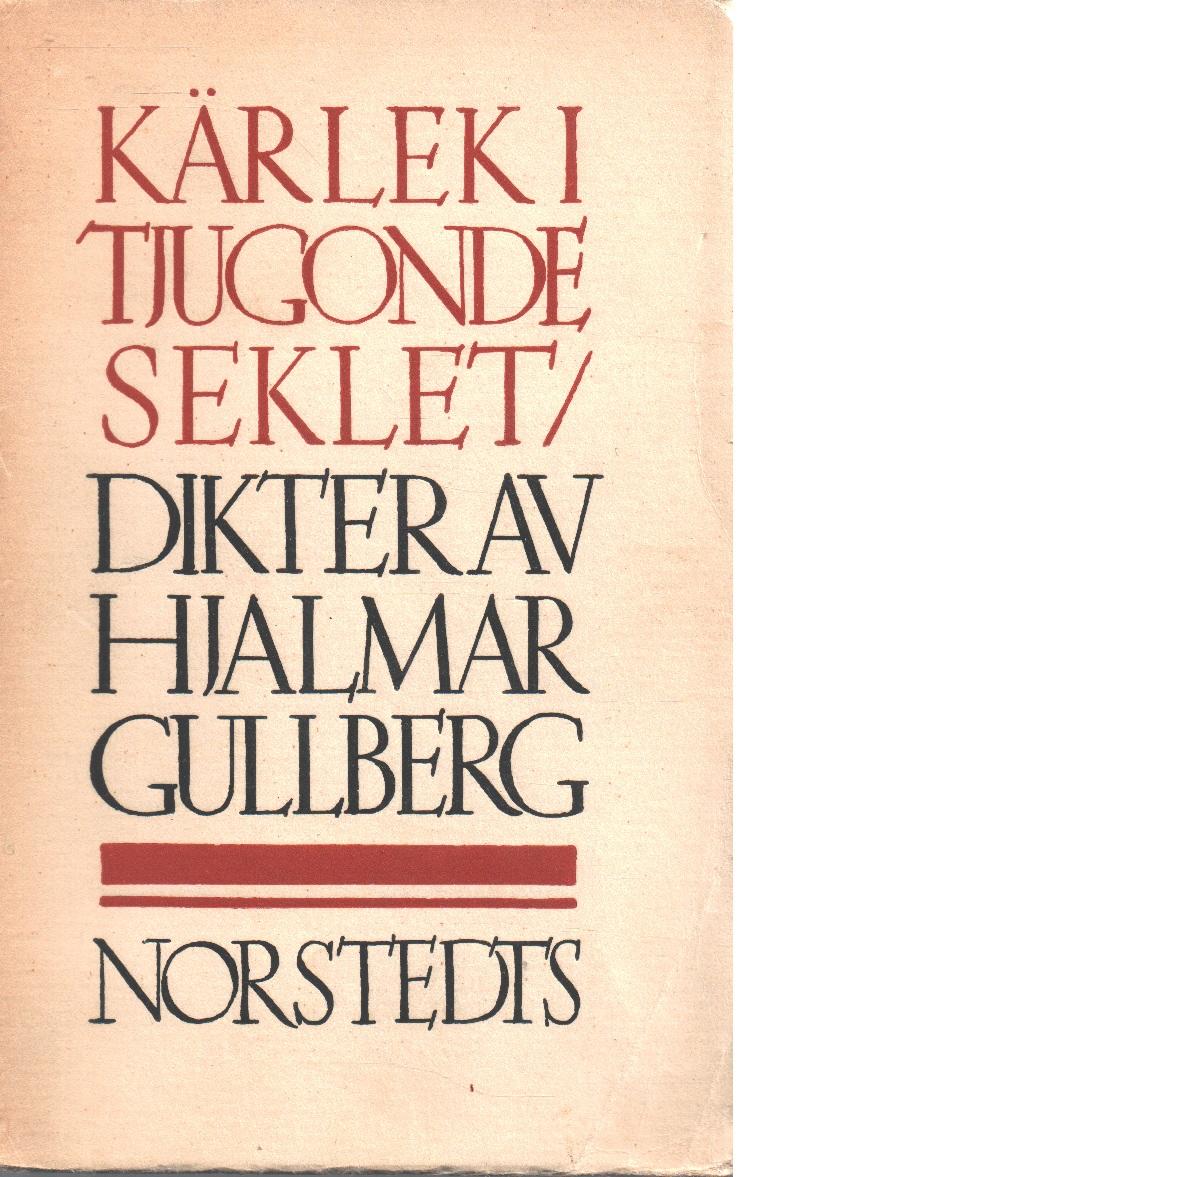 Kärlek i tjugonde seklet - Gullberg, Hjalmar